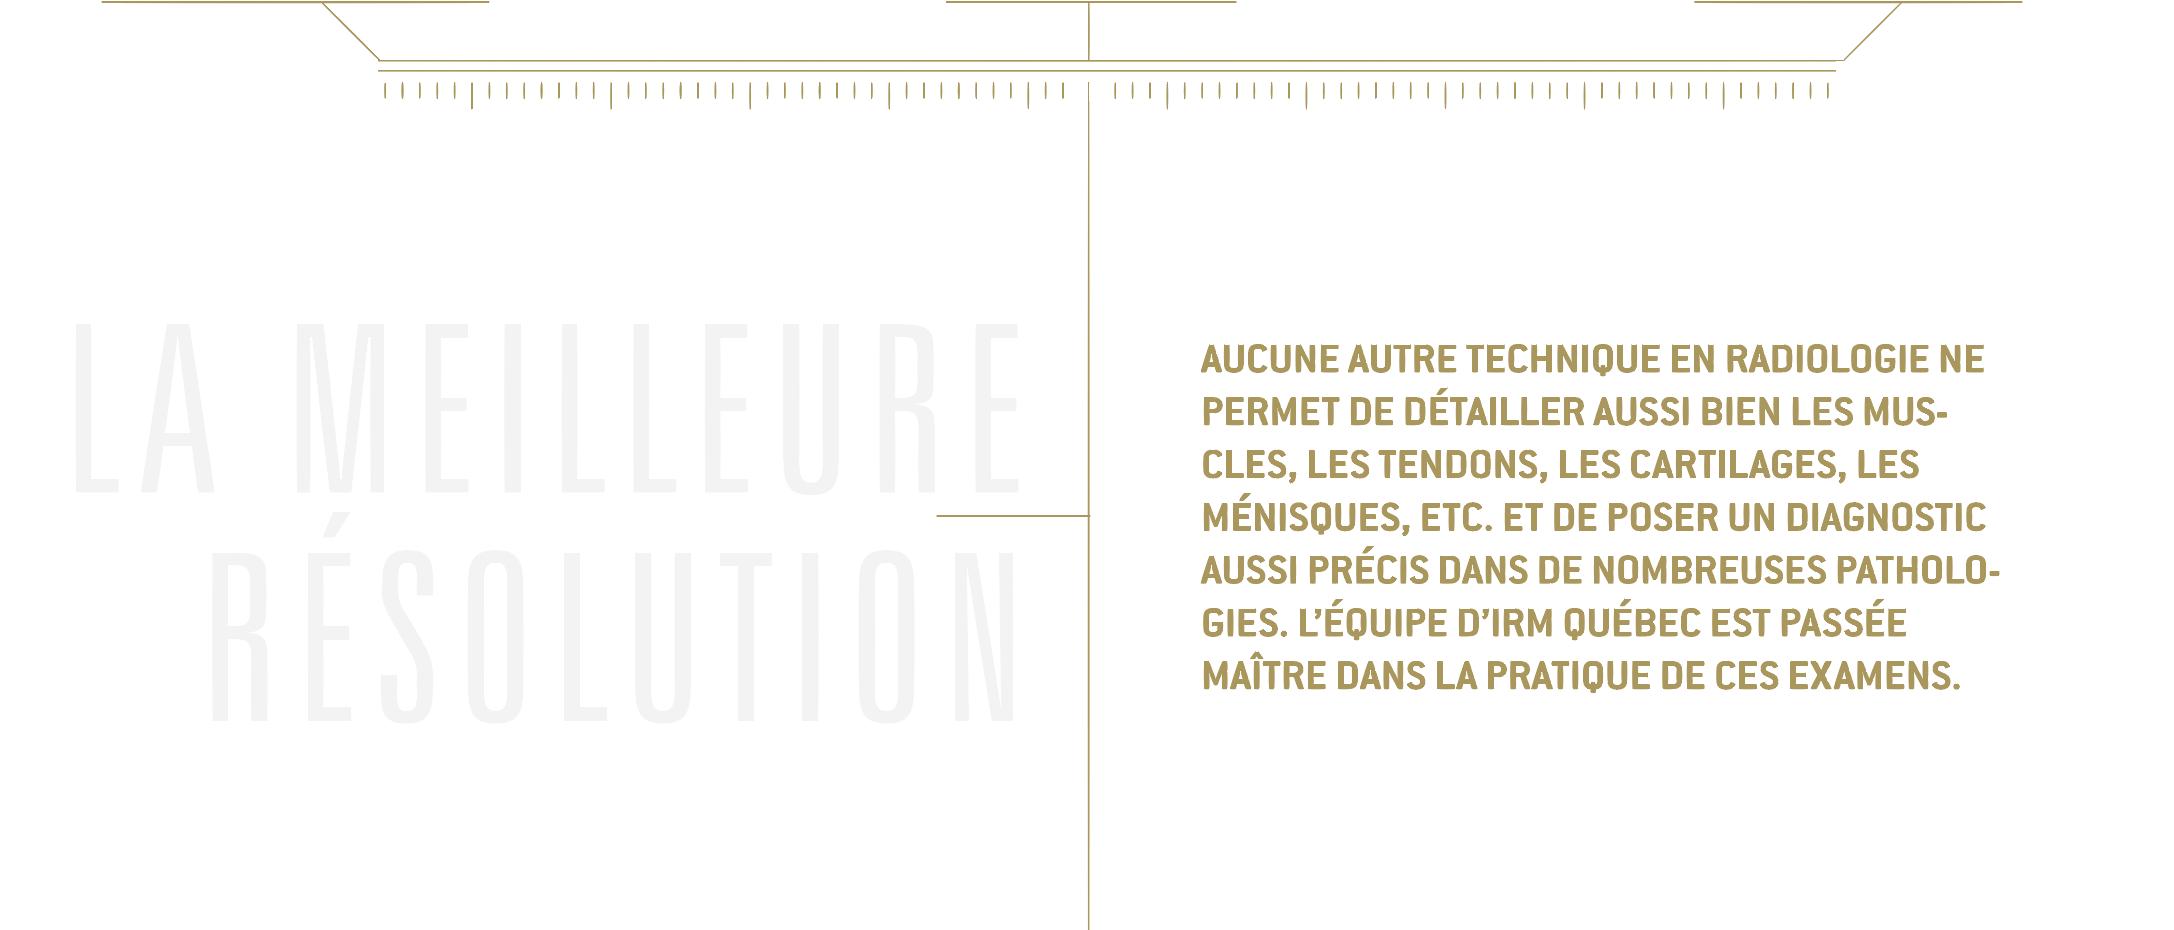 Accueil_image texte centre